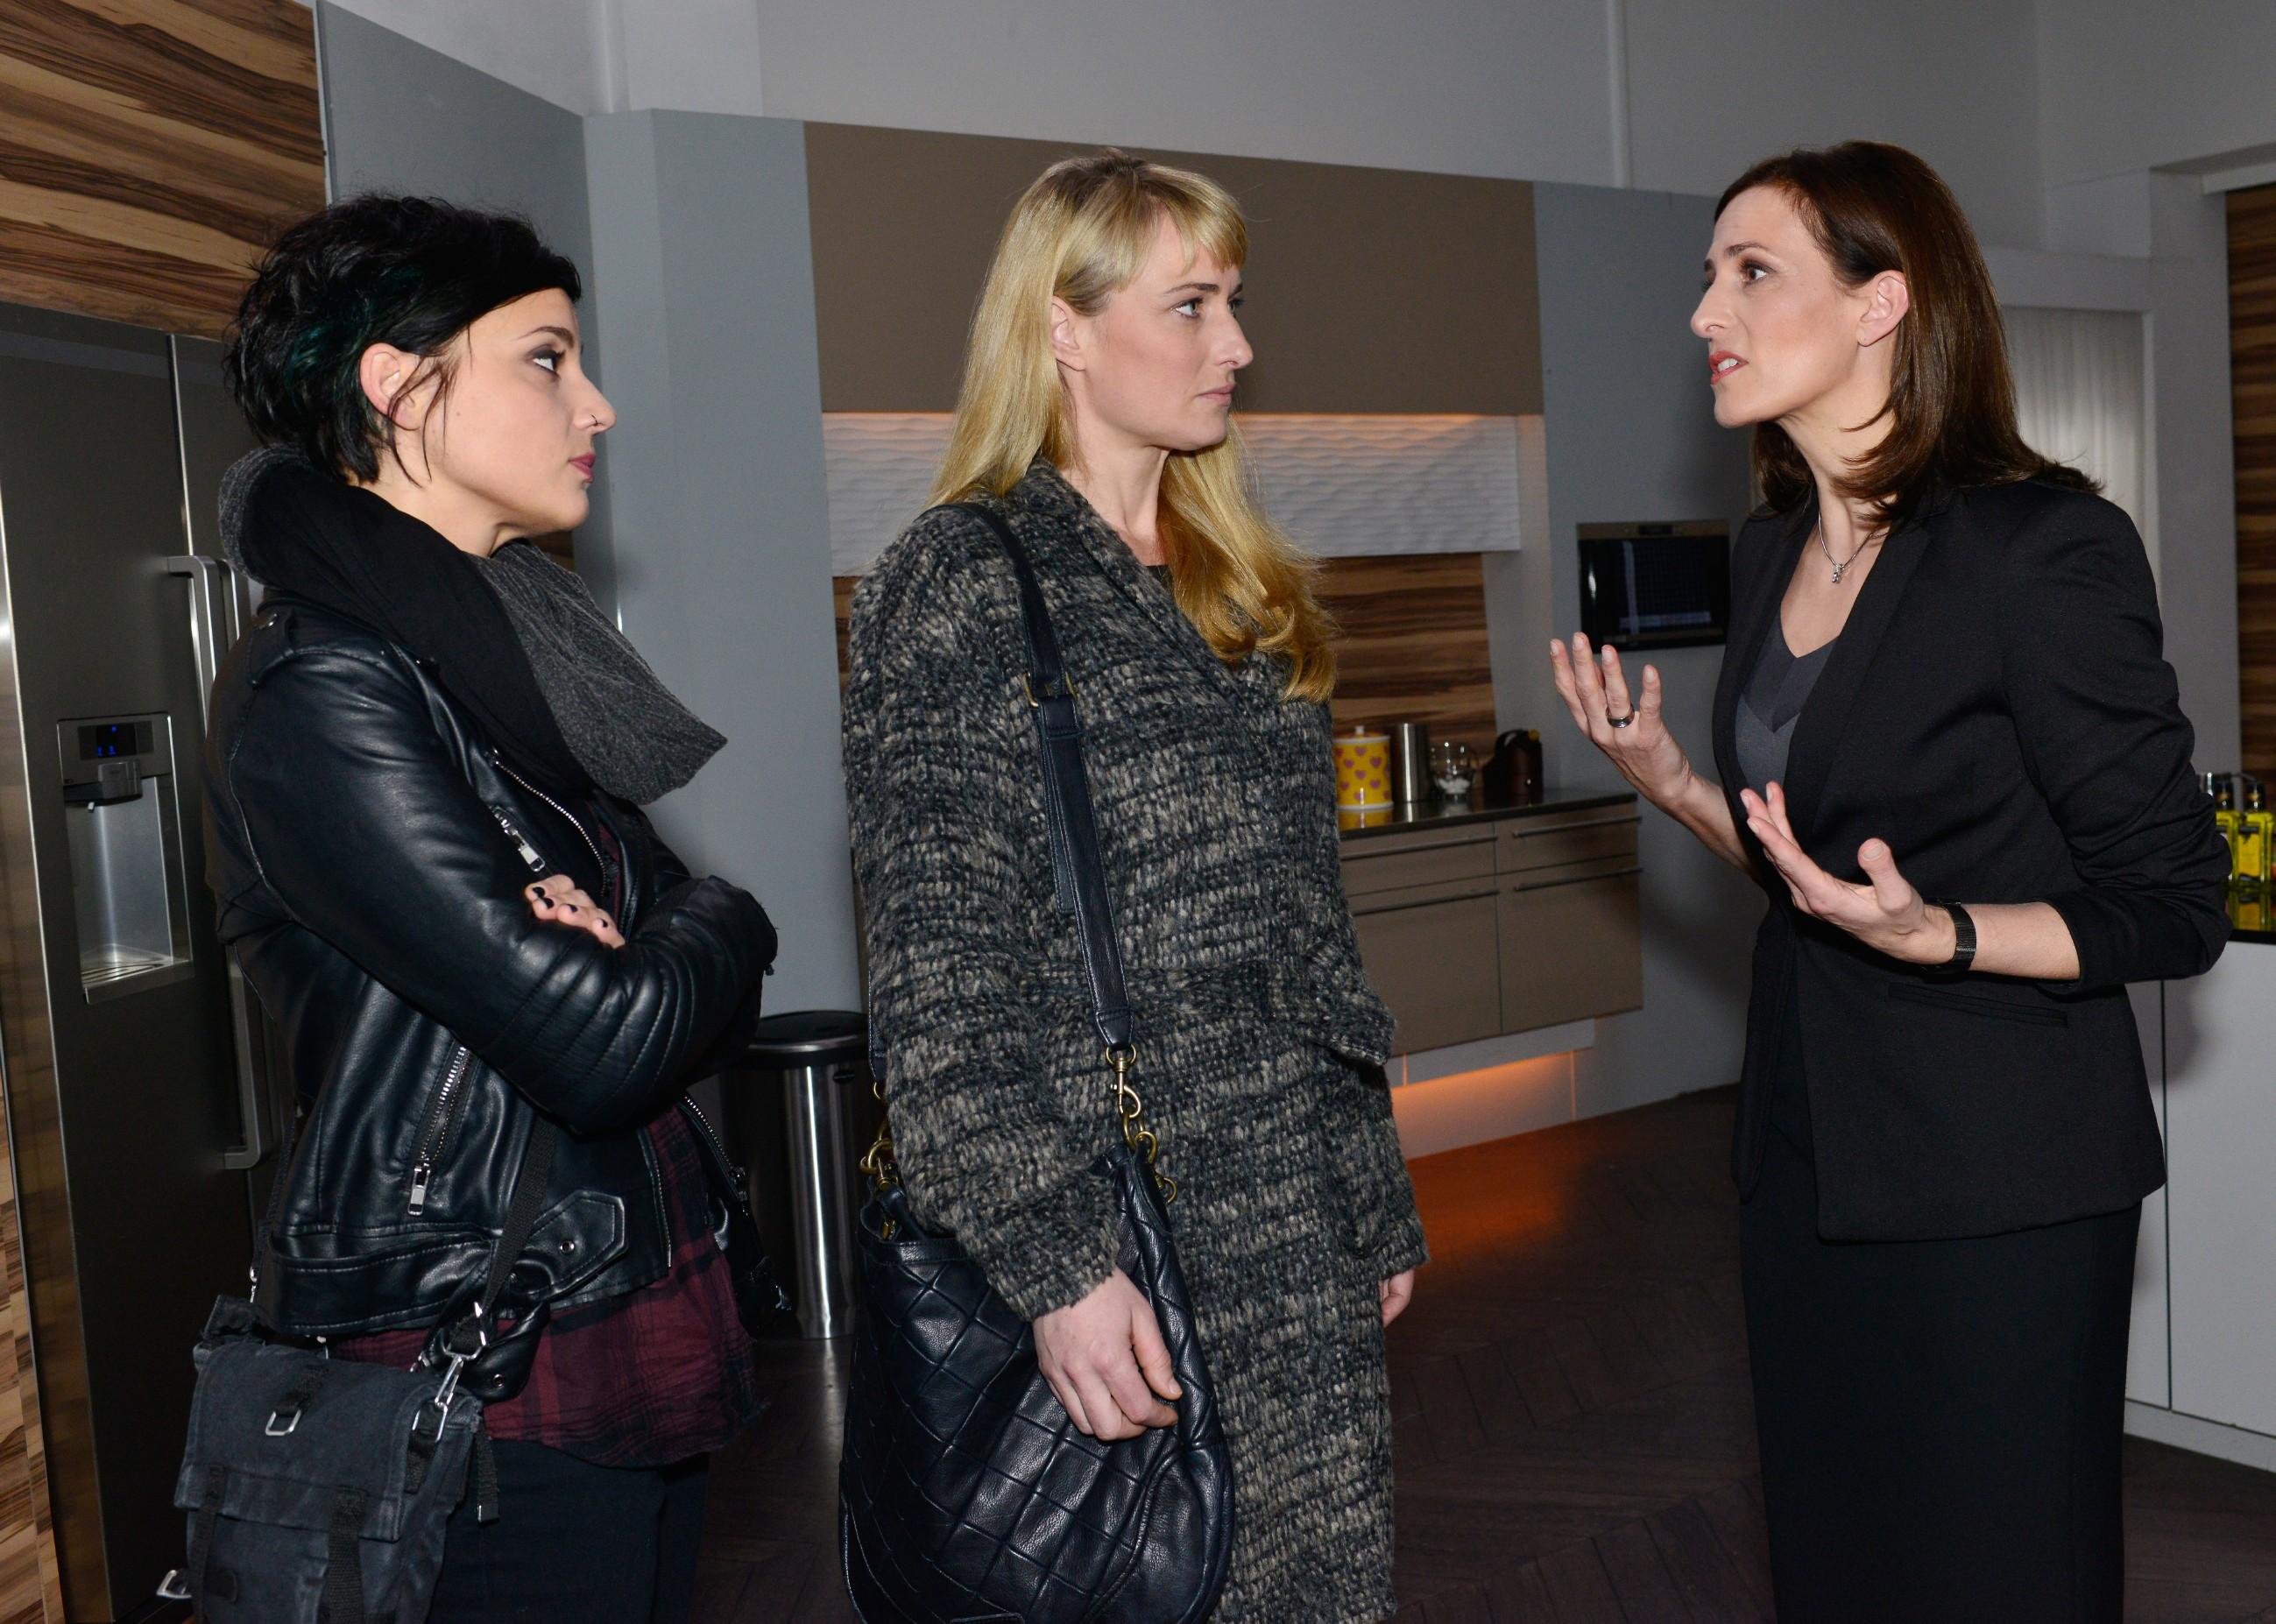 Anni (Linda Marlen Runge, l.) und Maren (Eva Mona Rodekirchen, M.) haben das Vertrauen in Katrin (Ulrike Frank) verloren. Ein gefährlicher Riss geht durch die Allianz der Frauen... (Quelle: RTL / Rolf Baumgartner)